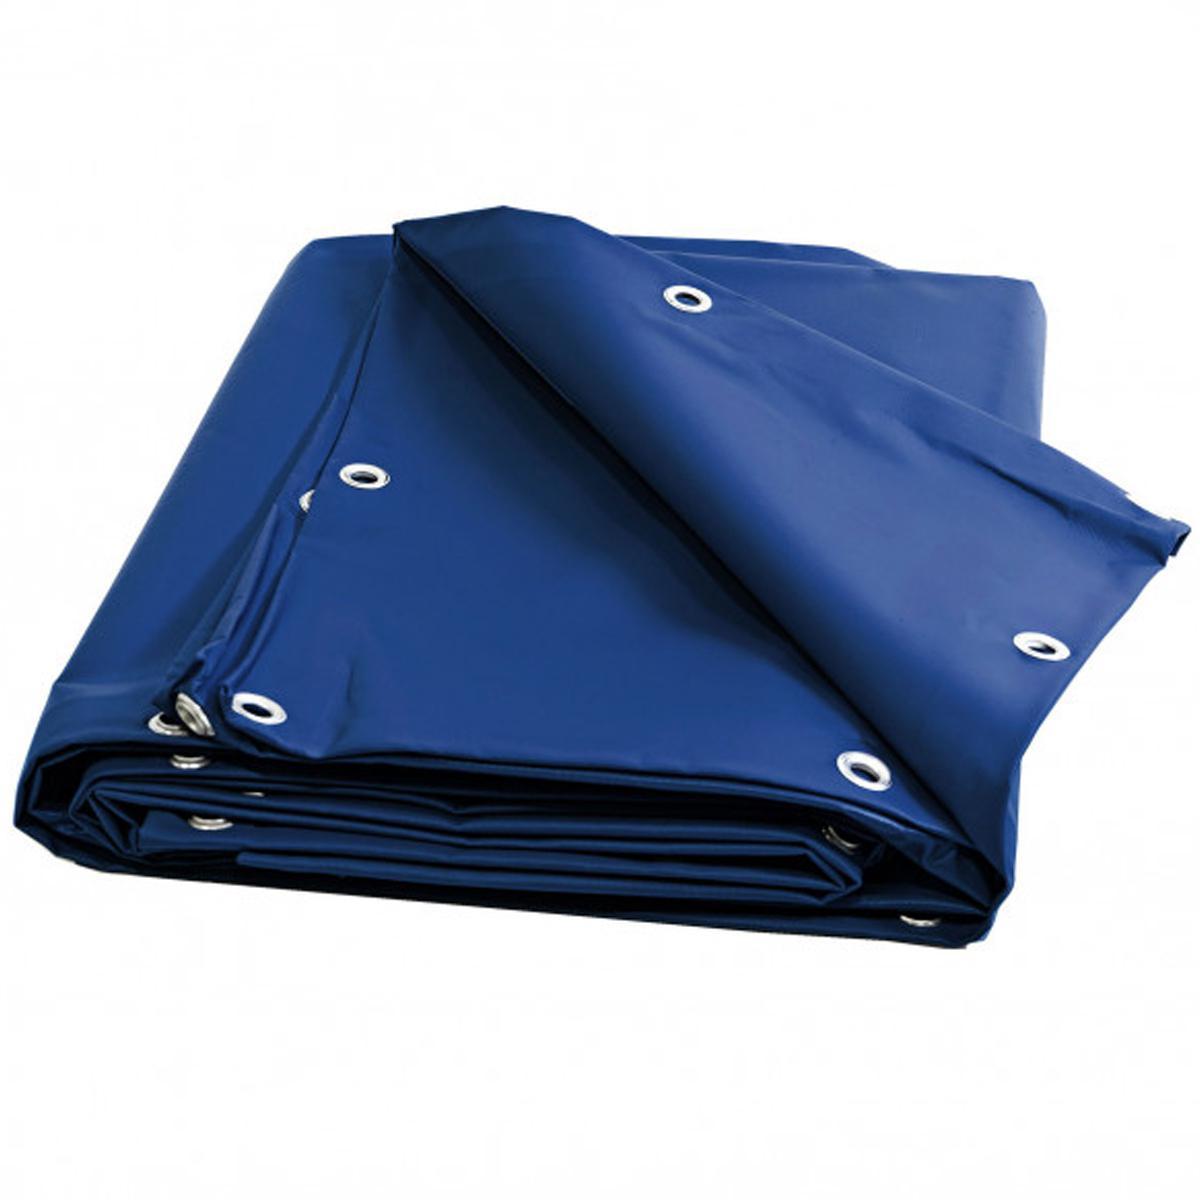 Univers Du Pro Bâche Toiture 7 x 9 m Bleue 680 g/m2 PVC Haute qualité